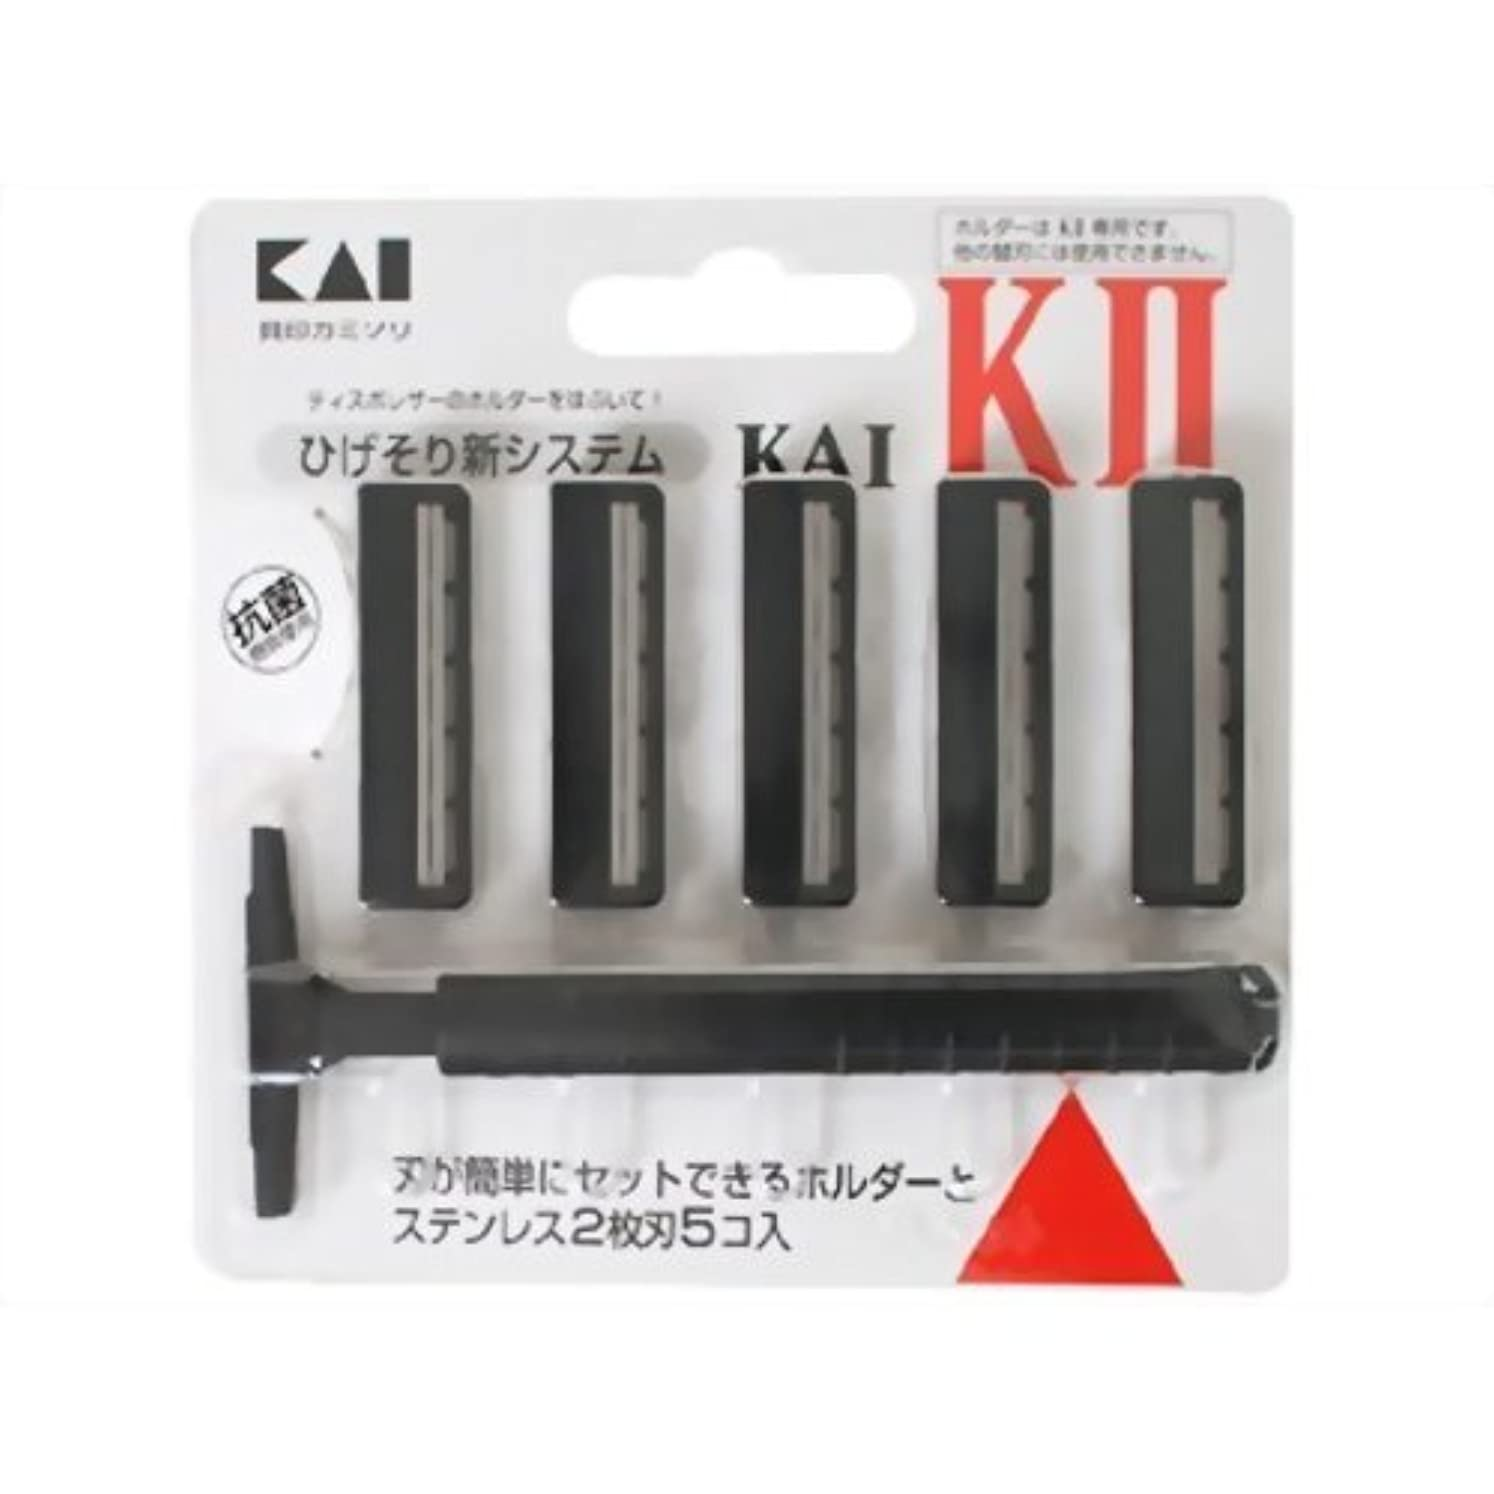 自然ホールドオール連合カミソリ KAI-K2 K2-5 ×3個セット